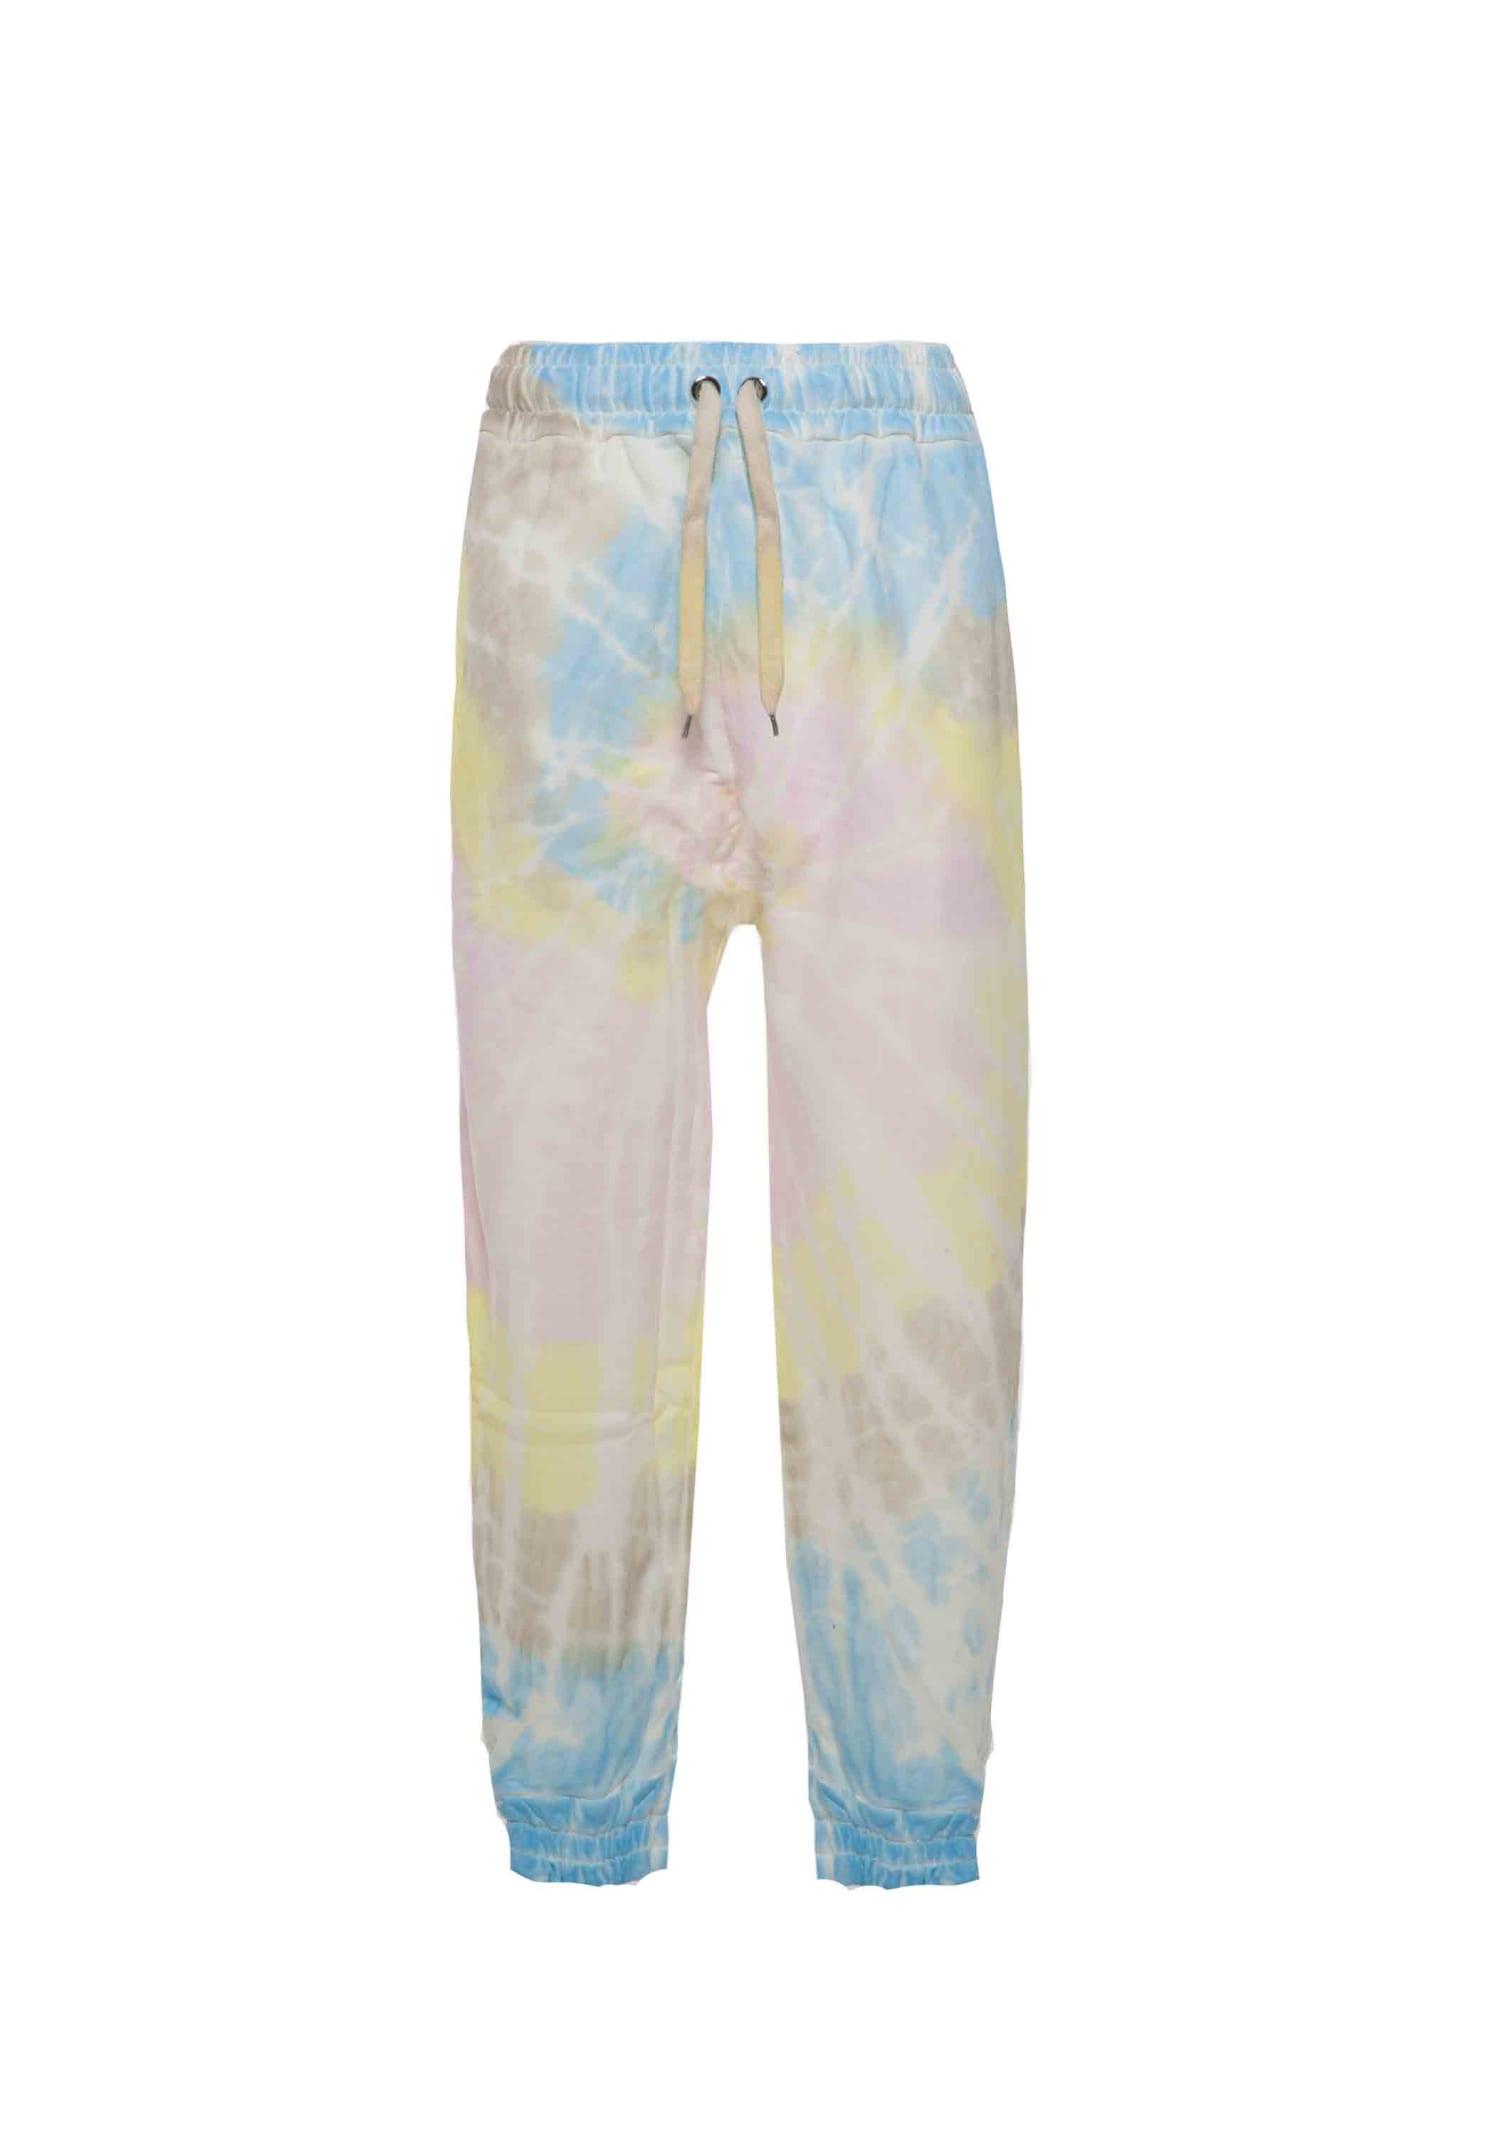 Jogger Pants Tie Dye